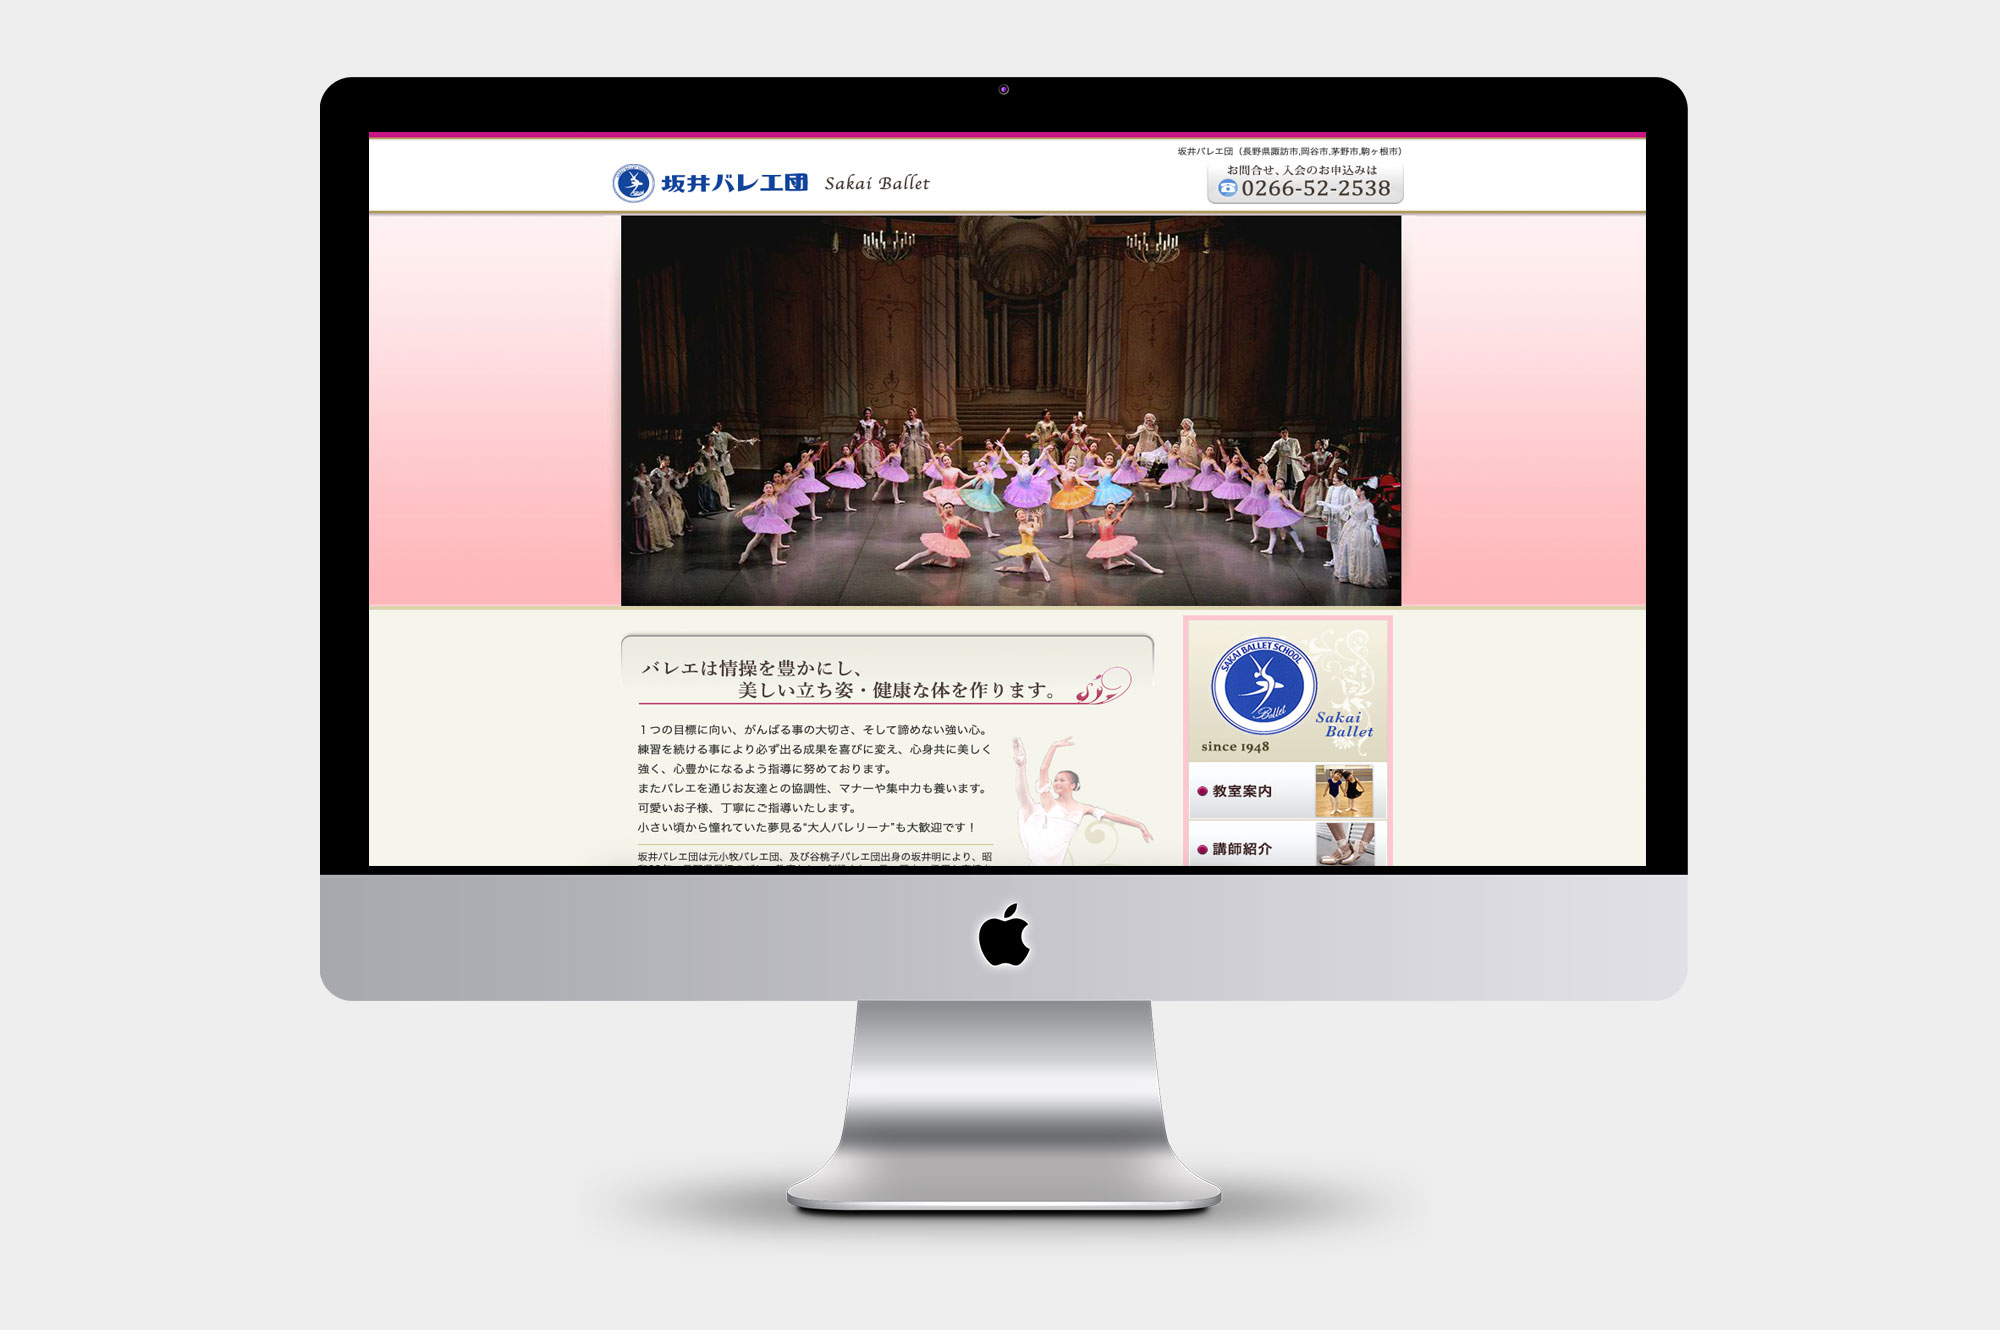 坂井バレエ団様ホームページ